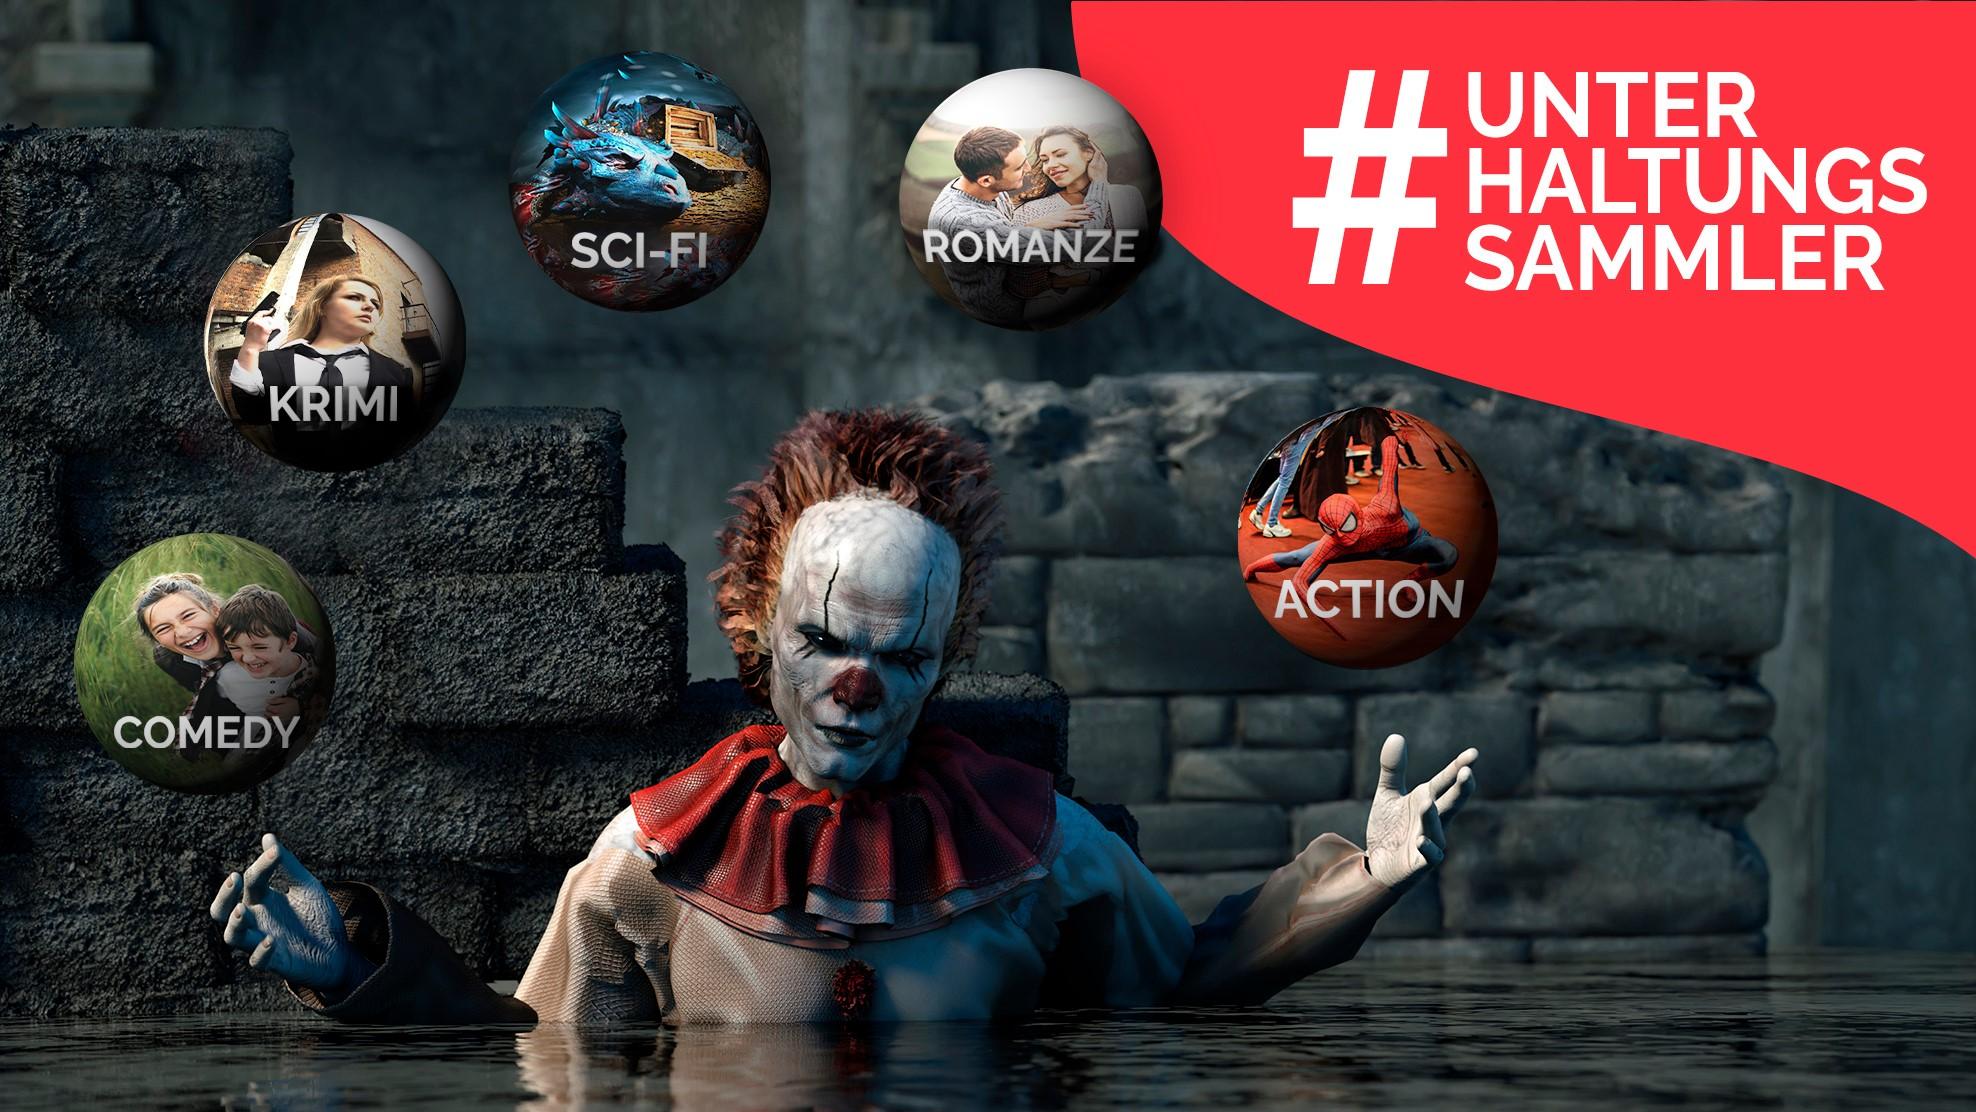 Clown aus Es jongliert mit verschiedenen Film-Genres und ein Hashtag #Unterhaltungssammler in einer Grafik für Beitrag zu Save.tv